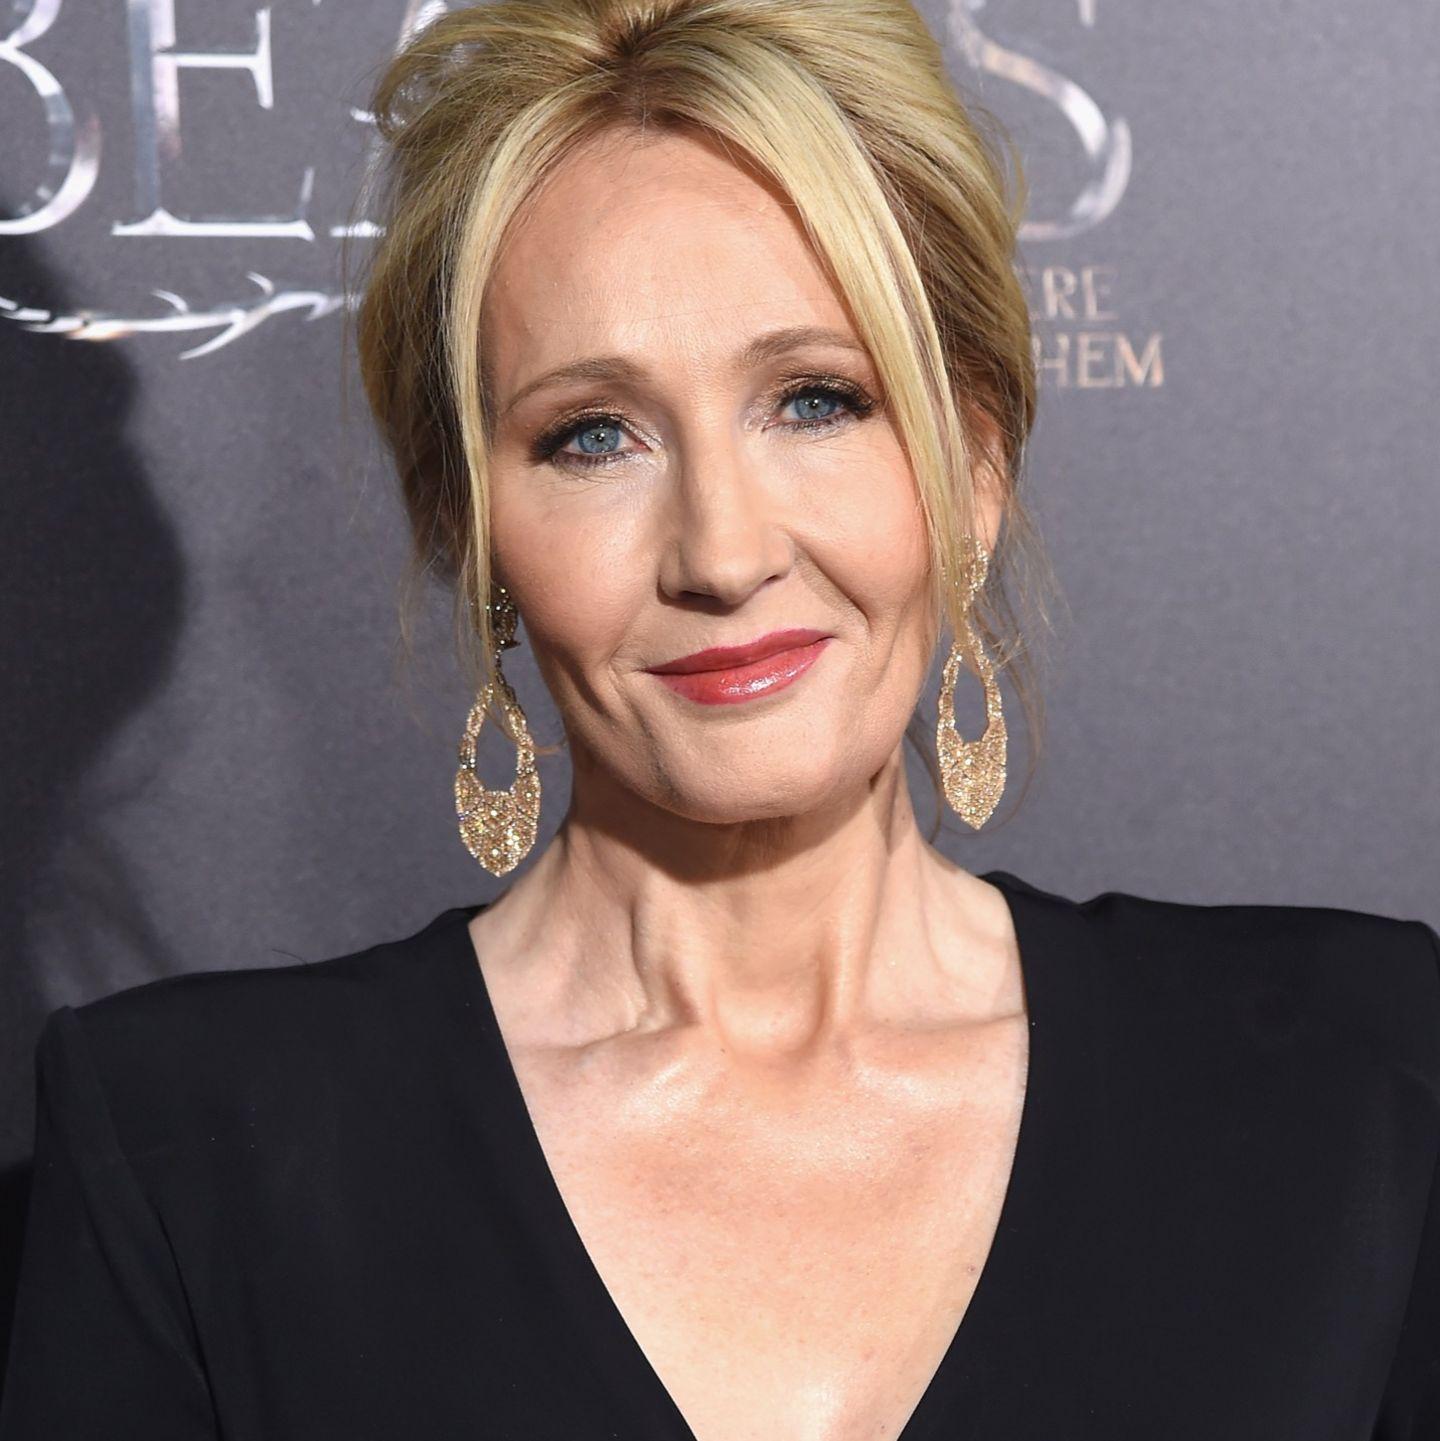 Harry Potter ist schon längst in Rente, und auch seine Erfinderin könnte sich mittlerweile bequem auf ihrem Anwesen ausruhen. Dennoch schreibt Autorin Joanne K. Rowling munter weiter und kassiert damit mal eben 95 Millionen Dollar. Läuft bei ihr!